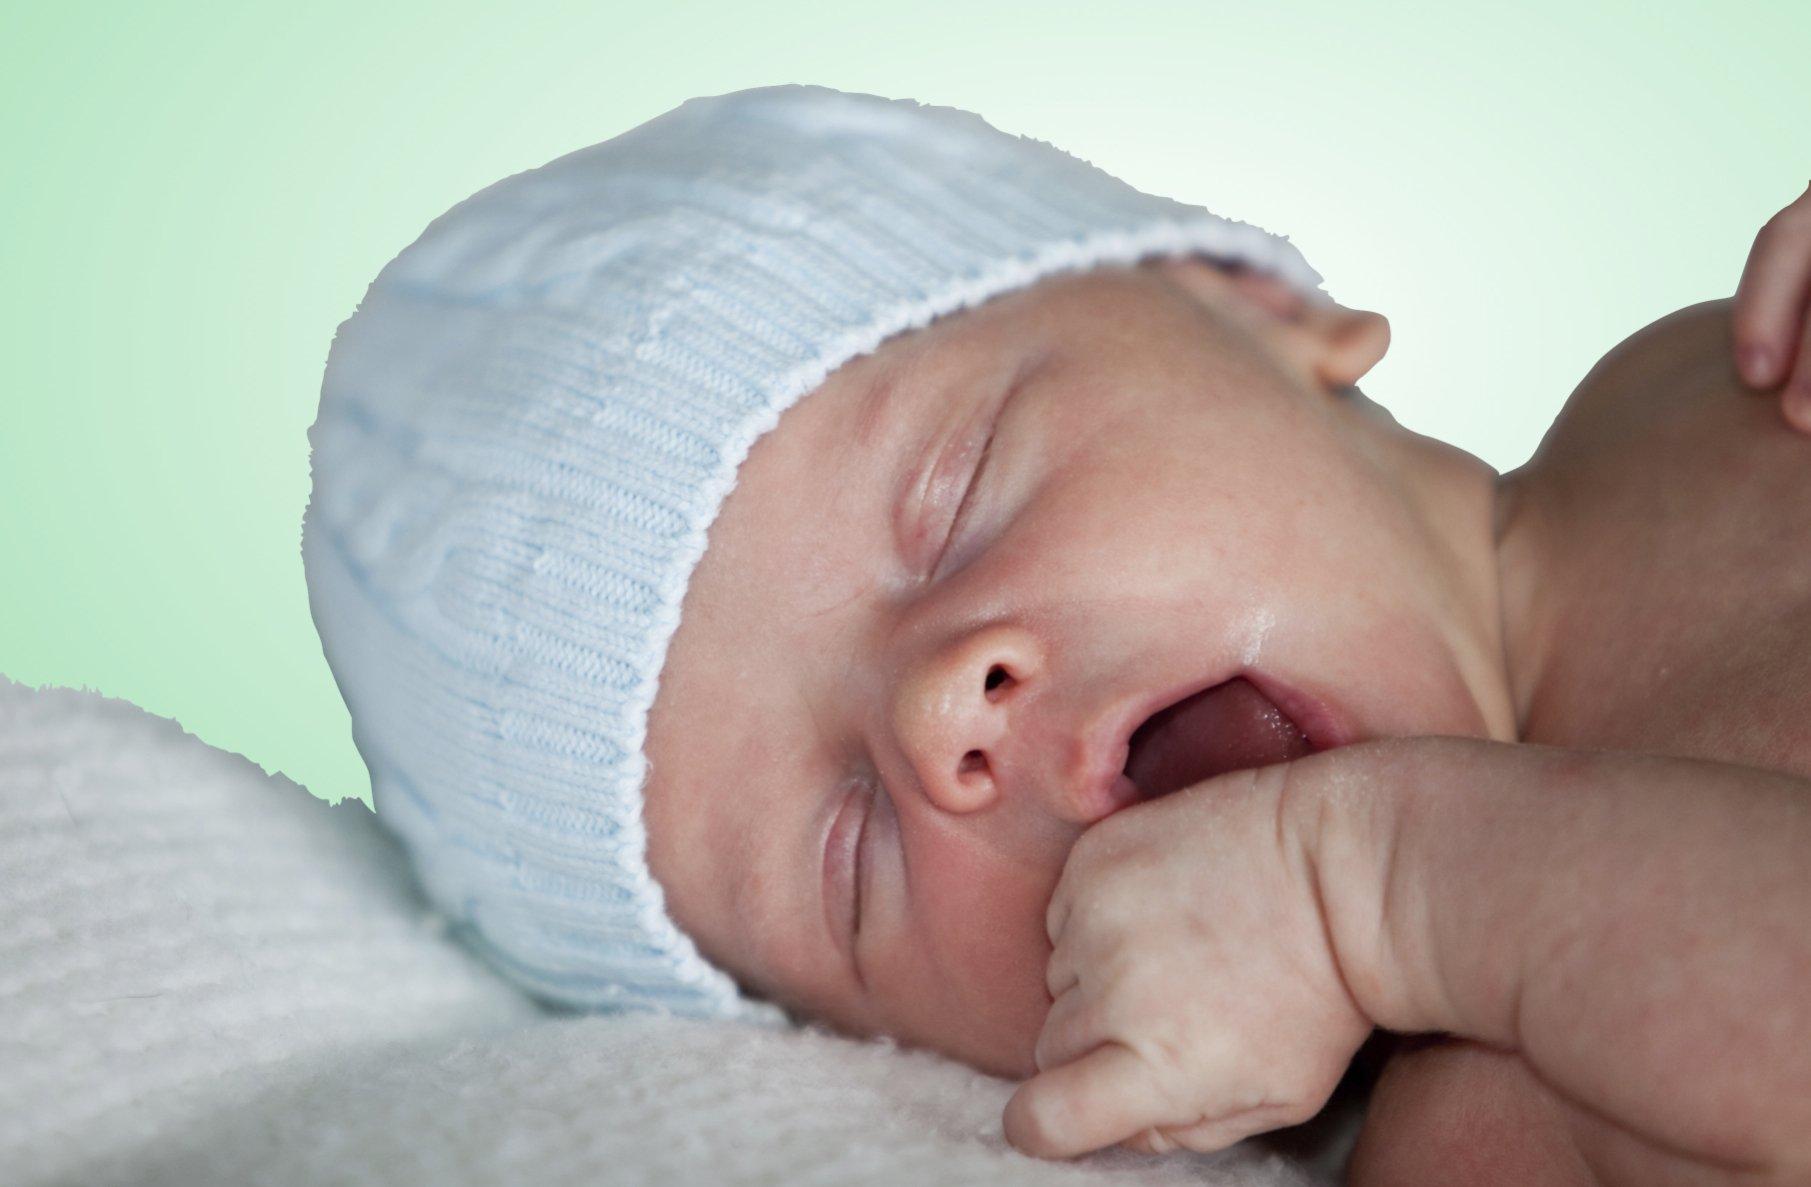 علامات الجوع عند الرضع